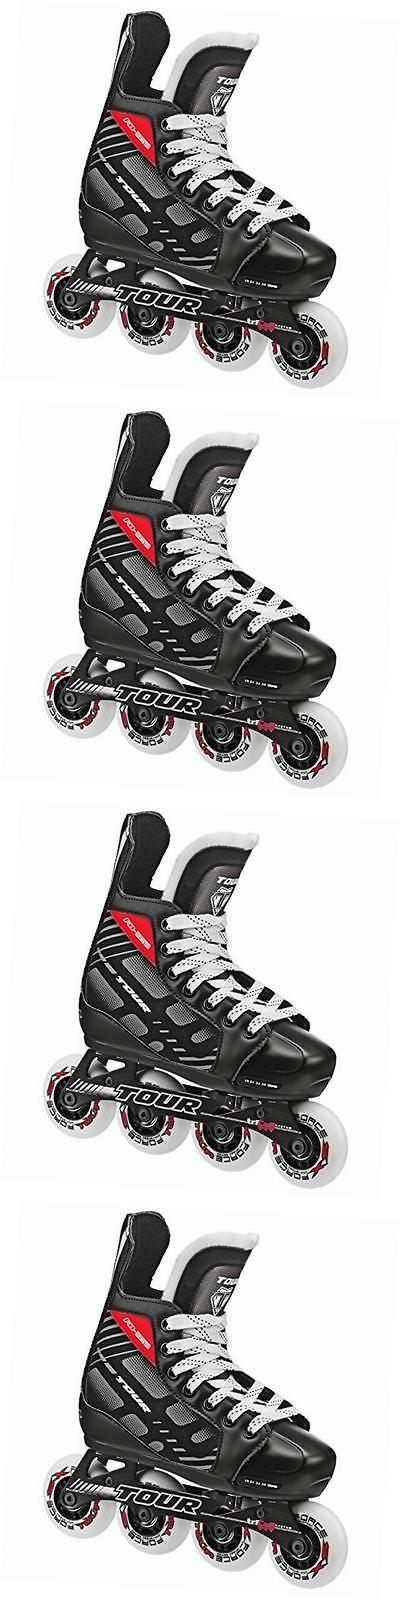 Roller Hockey 64669: Fb-225 Youth Inline Hockey Skates 1-4 New -> BUY IT NOW ONLY: $98.21 on eBay!